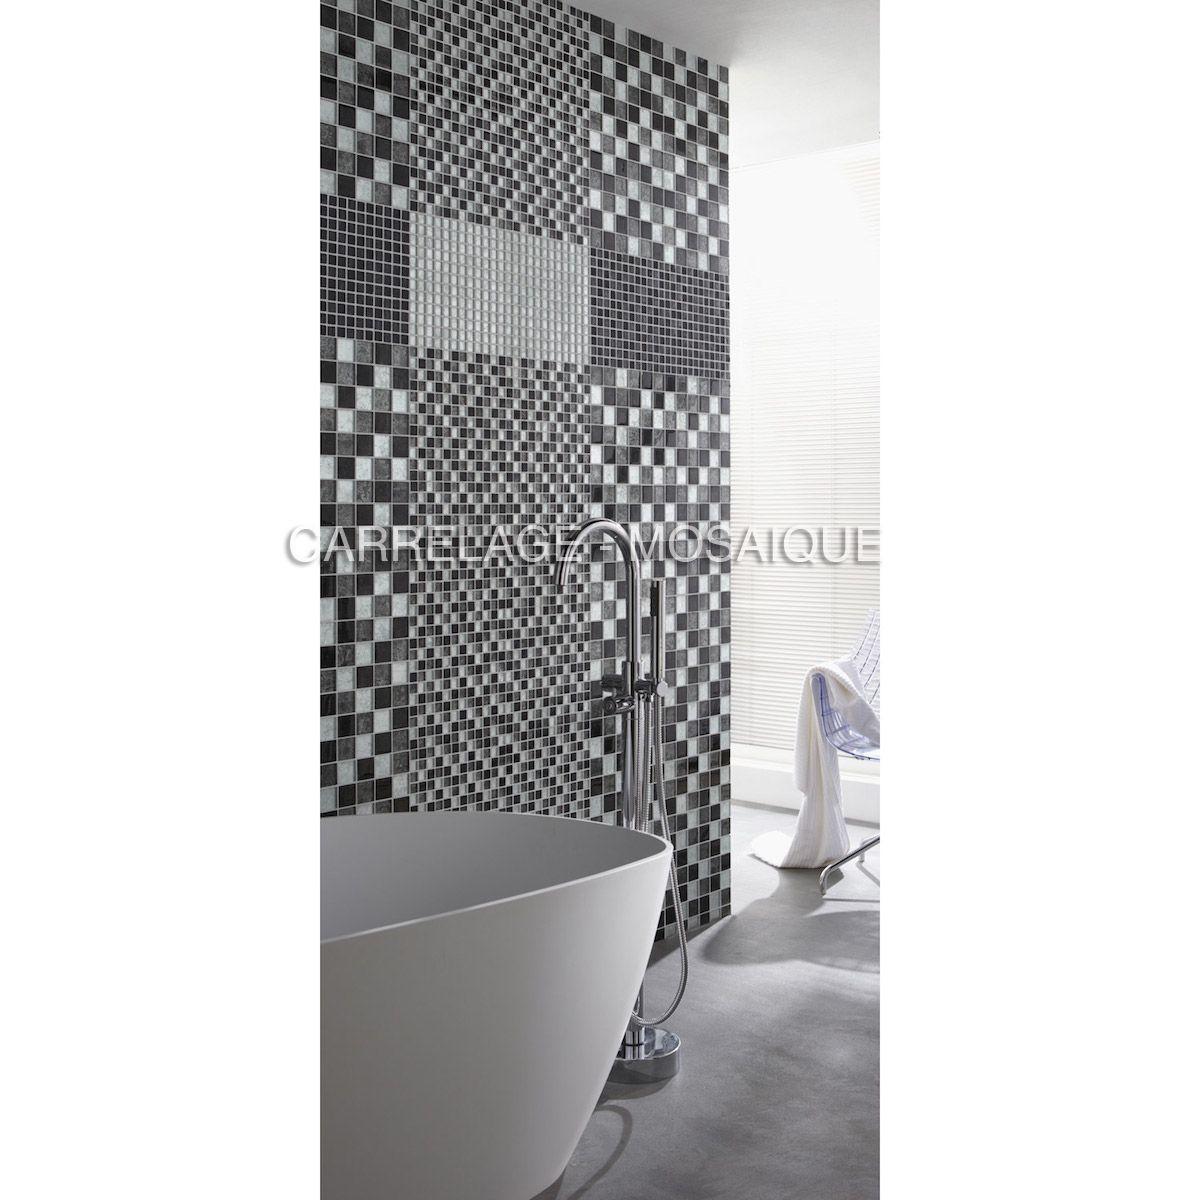 Modele Salle De Bain Avec Mosaique paris, france | salle de bain, mosaique et cuisine modele